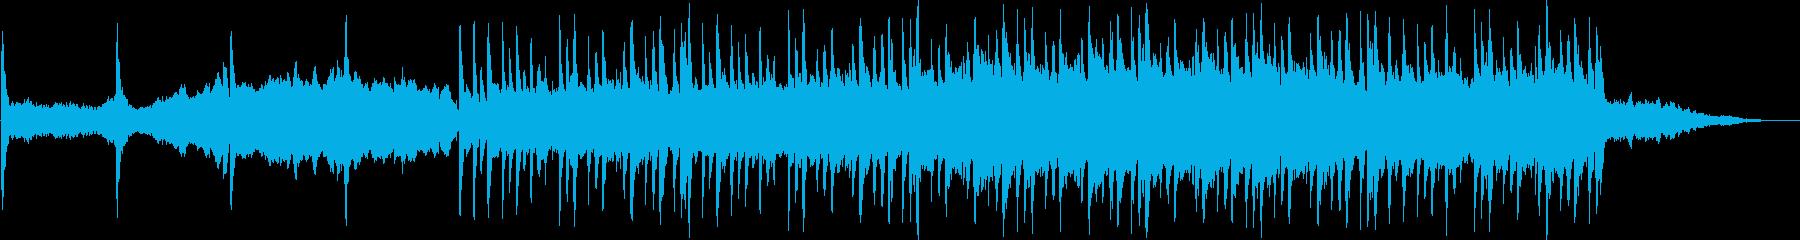 ポップな背景、ピアノメロディー。ク...の再生済みの波形